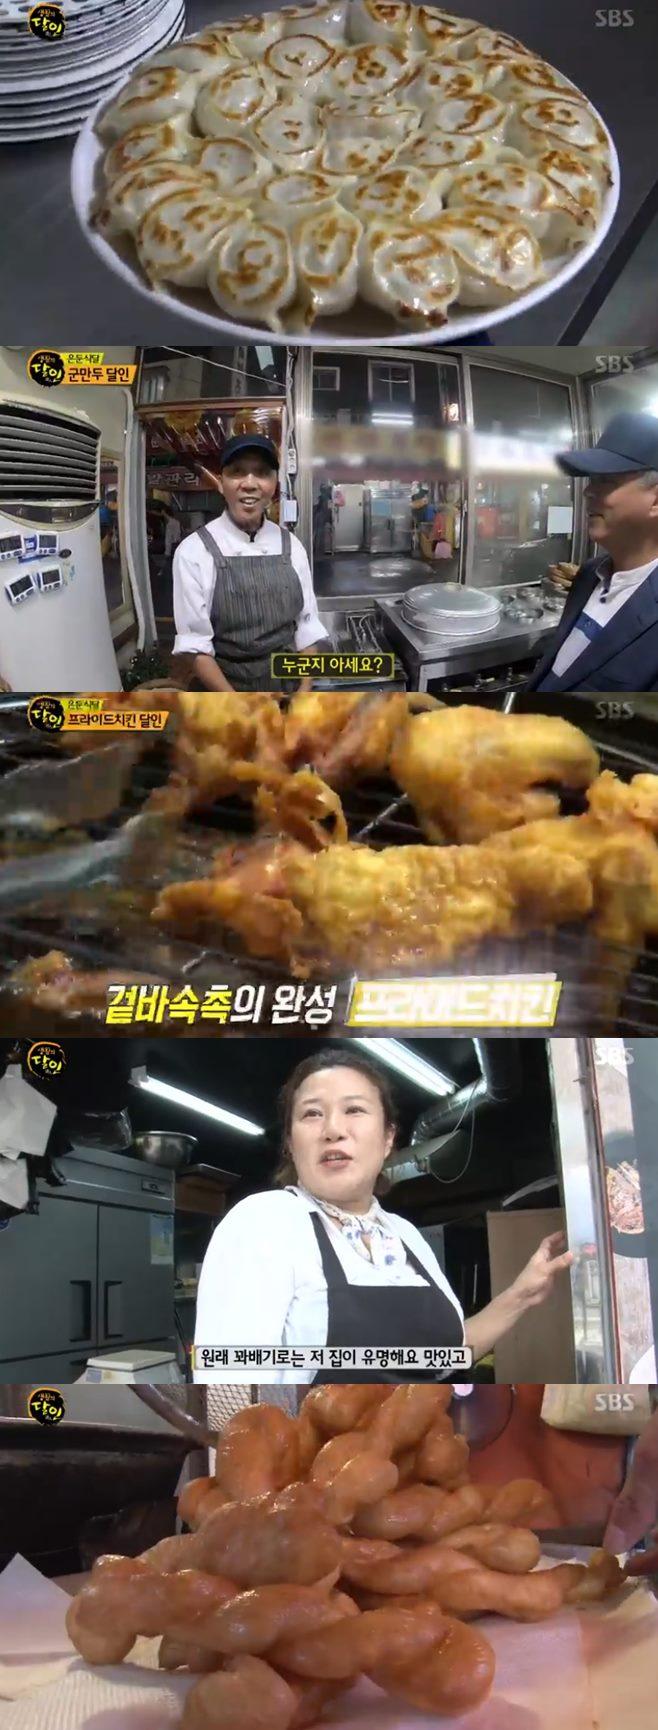 '생활의 달인' 용산 프라이드치킨(옛날통닭) '엉터리통닭', 은둔식달 맛집